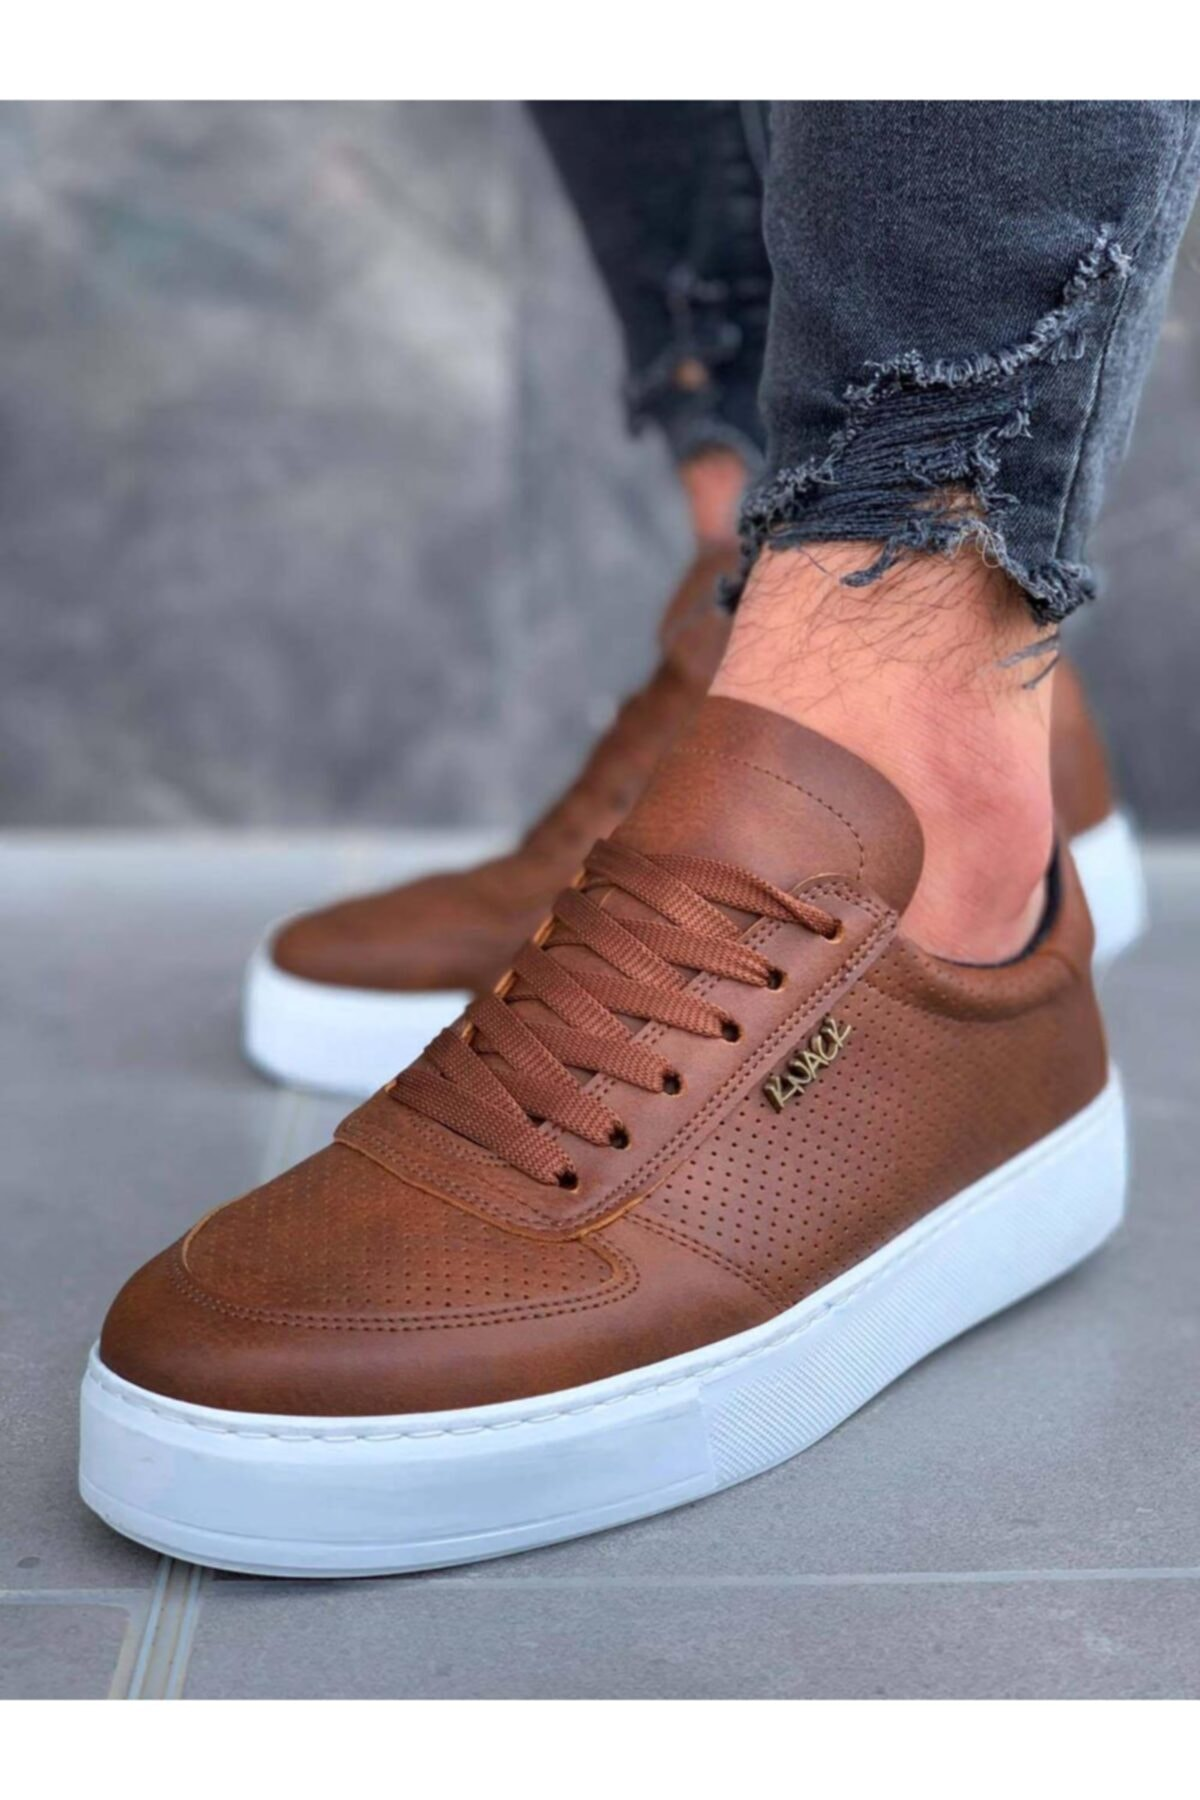 اليومية أحذية 011 6 اللون الرجال خفيفة الوزن عارضة الشبان حذاء رياضة موضة chaussure أنيق تصميم